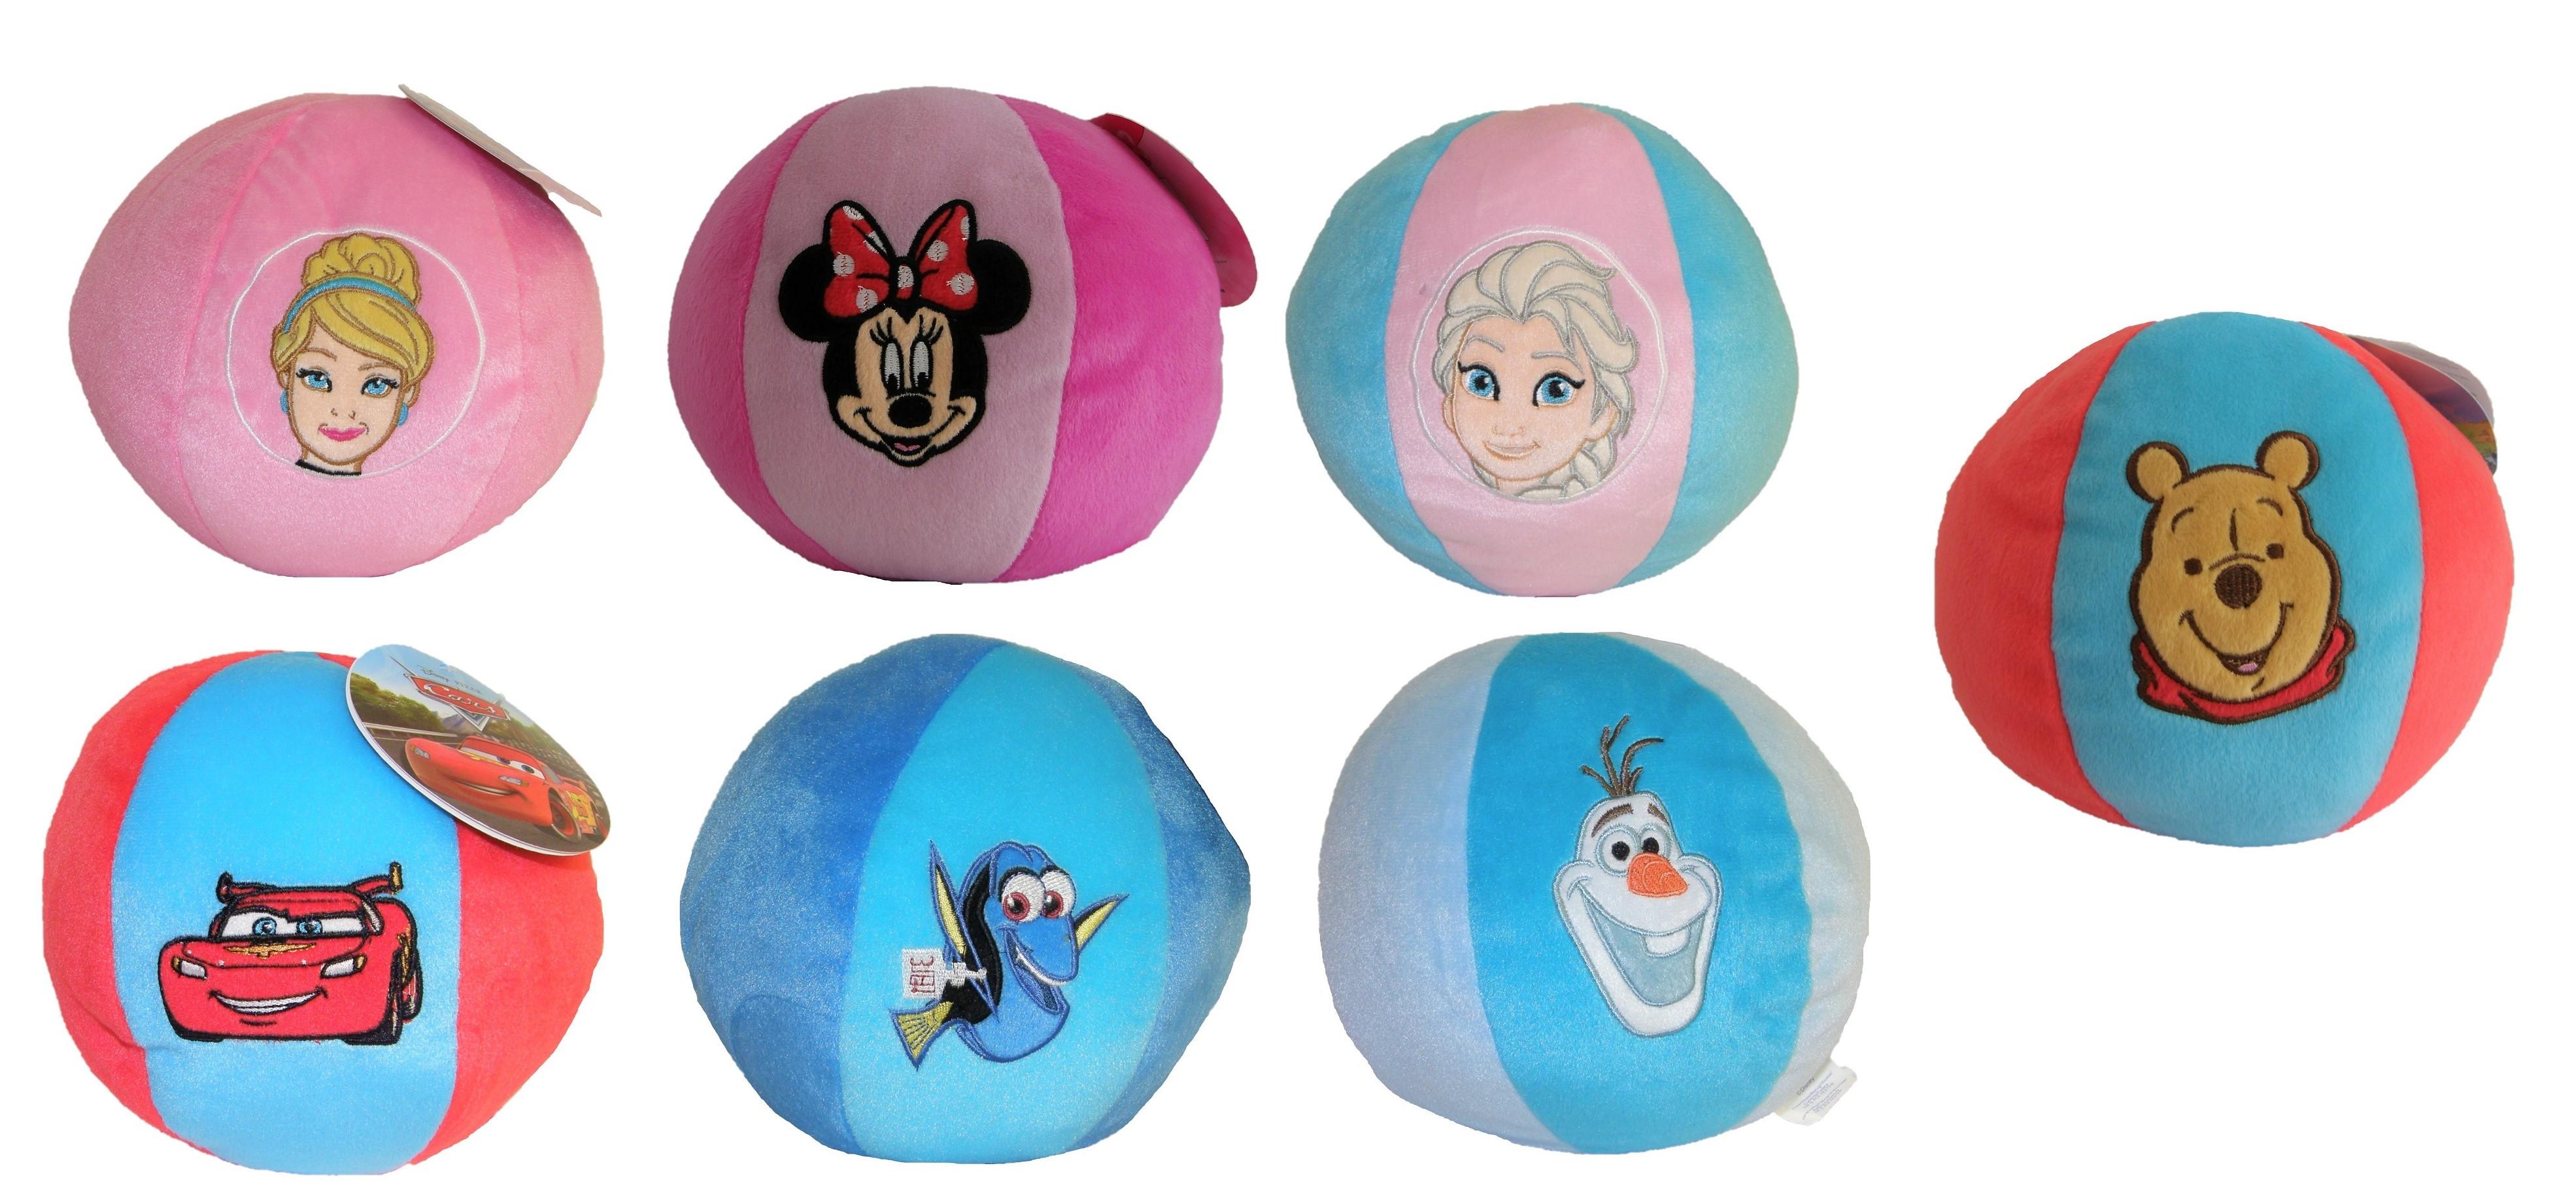 Disney Plüschball 20 cm für Kinder (Auswahl)